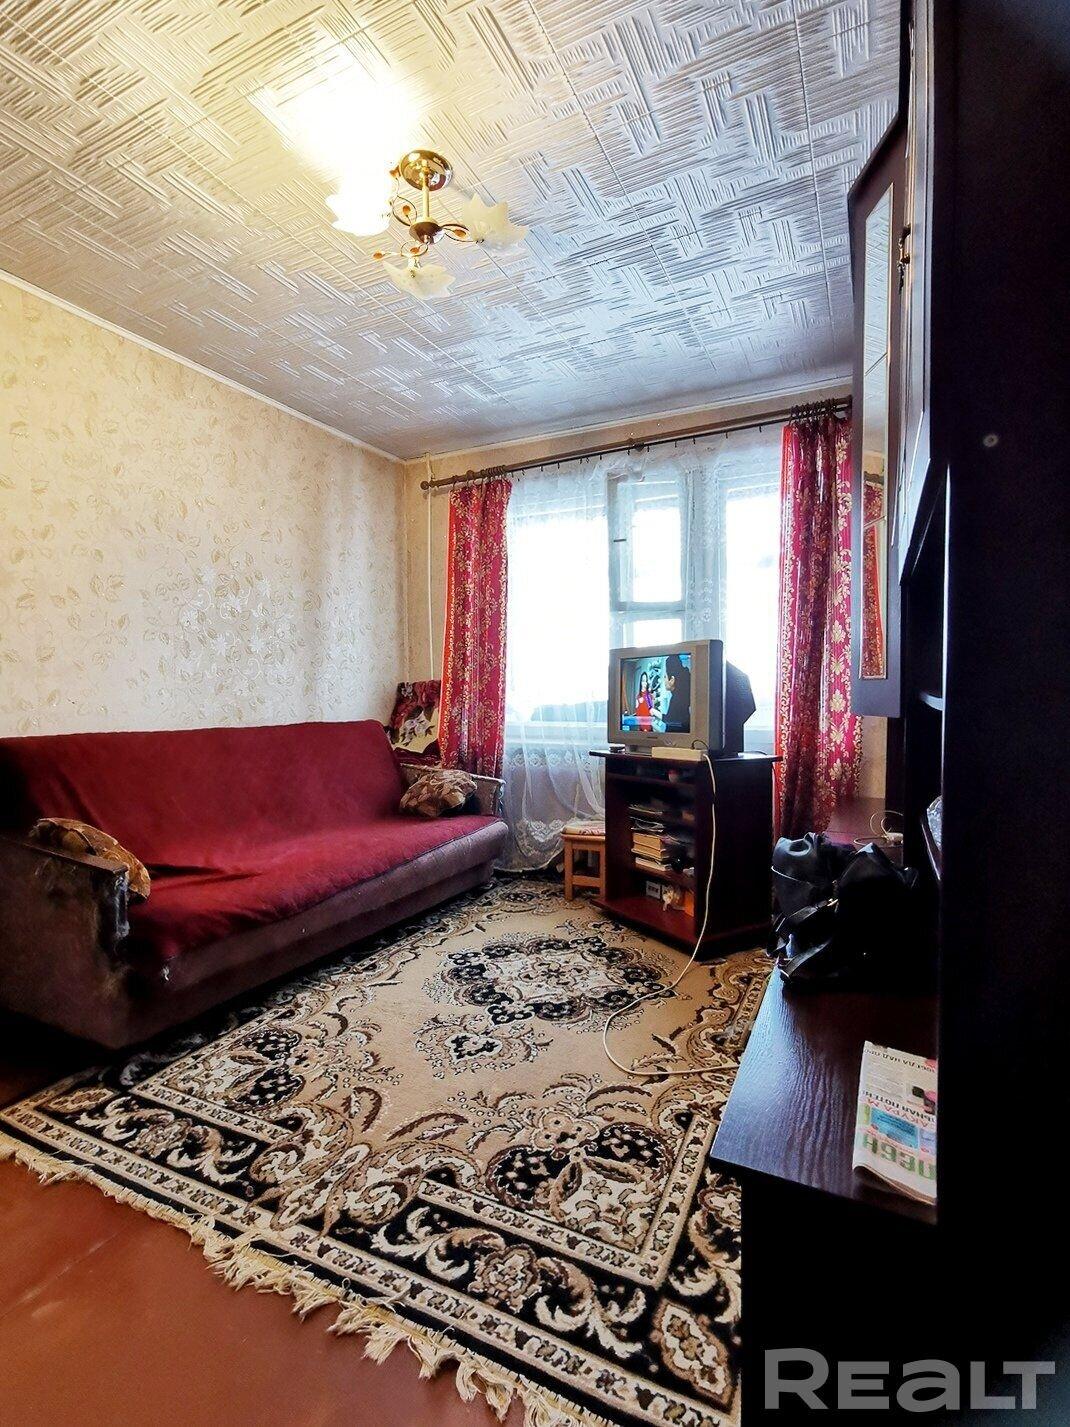 Продажа 4-х комнатной квартиры, г. Гомель, ул. Барыкина, дом 206 (р-н Лещинец). Цена 85 425 руб